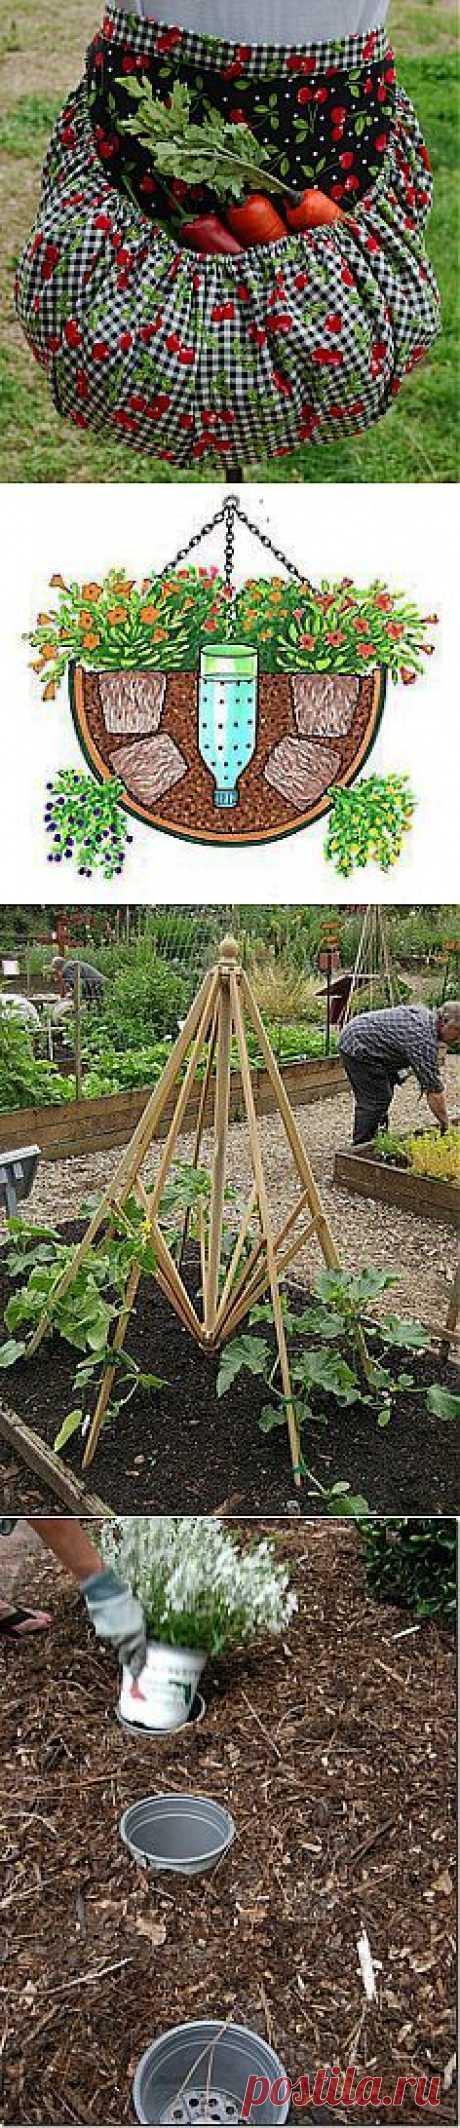 ¡Las bagatelas útiles y agradables en el jardín | HAZ!